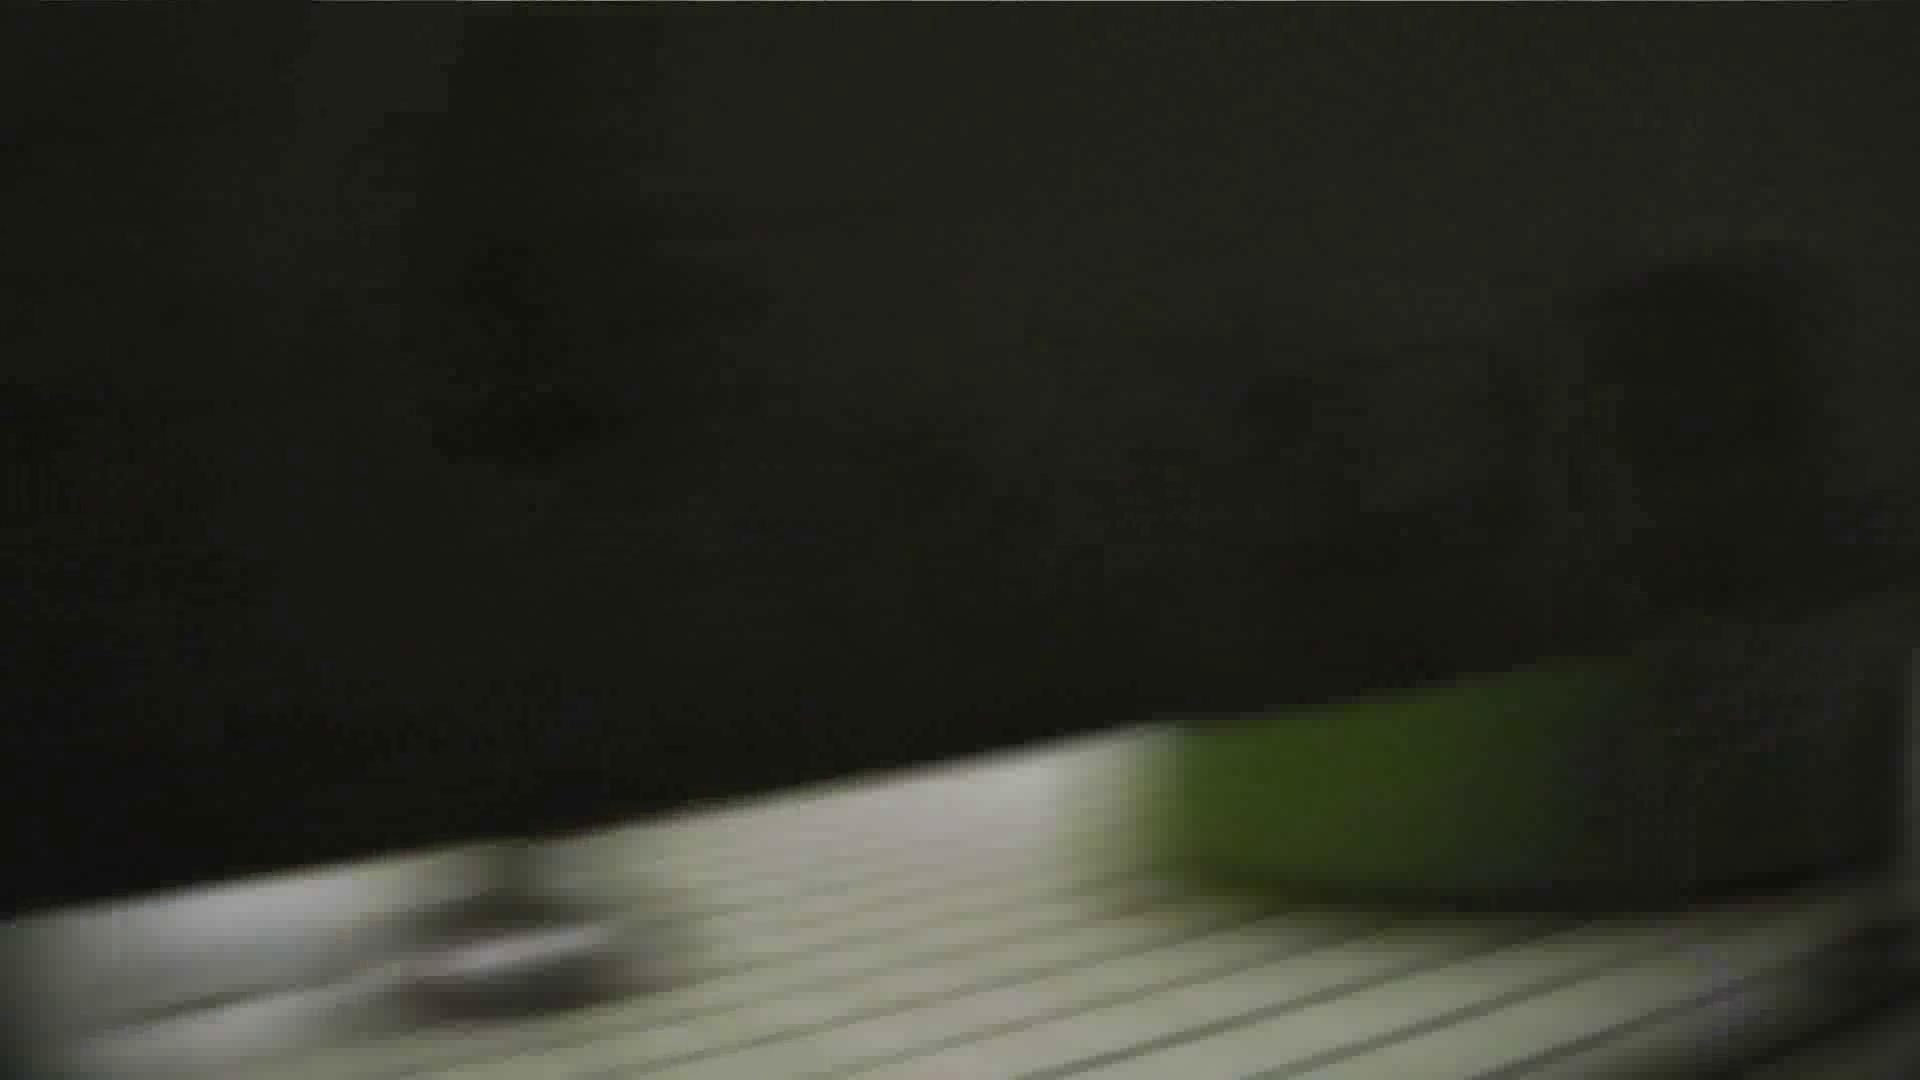 【美しき個室な世界】 vol.018 ピンクのおネエタン 洗面所  48画像 24